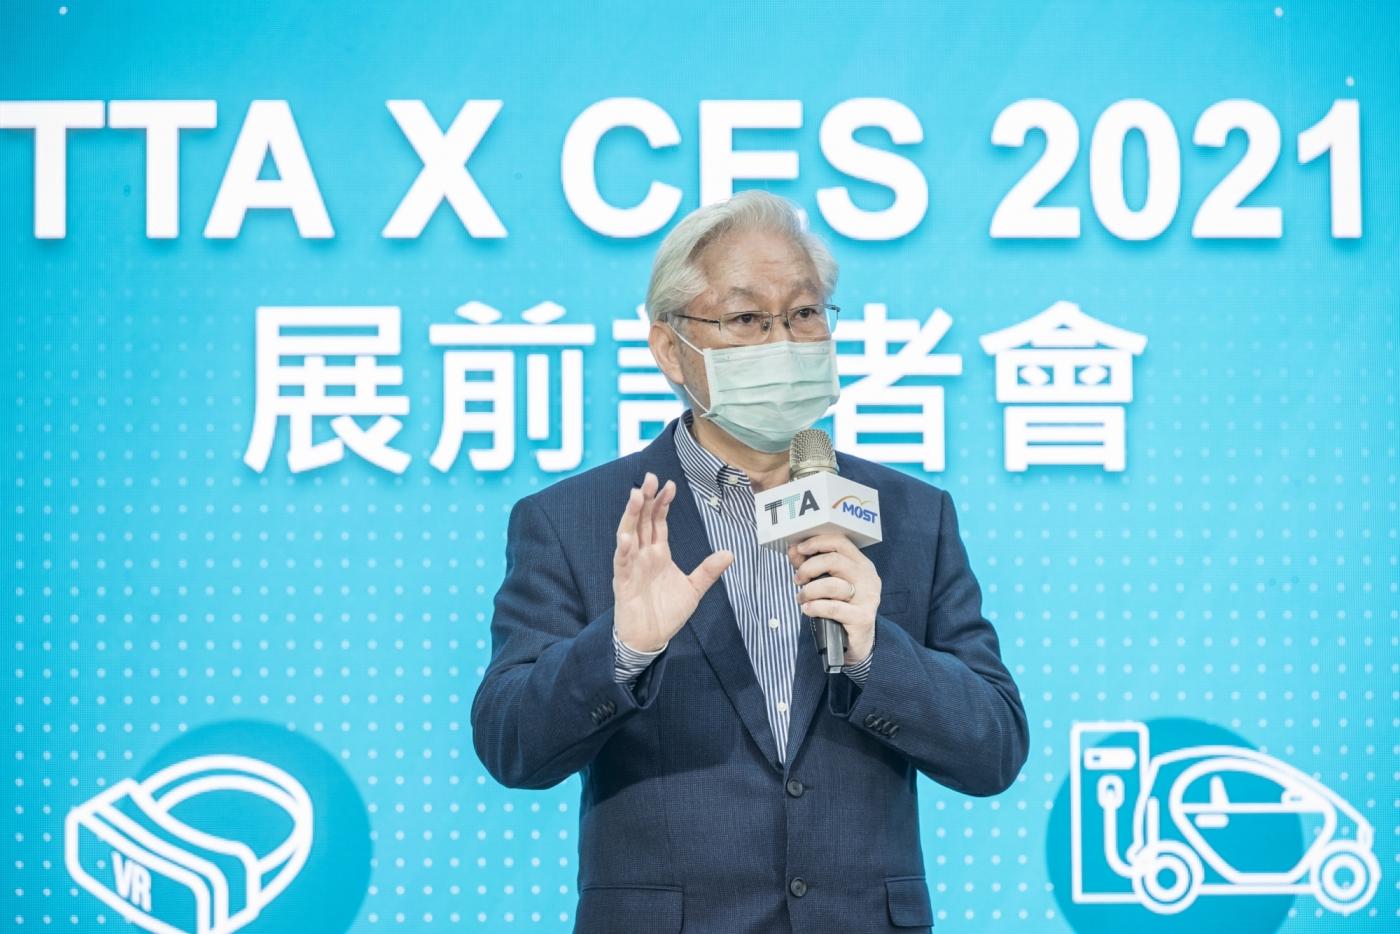 【CES 2021】迎戰全面線上化!科技部攜100家台灣新創,打造全VR的線上場館